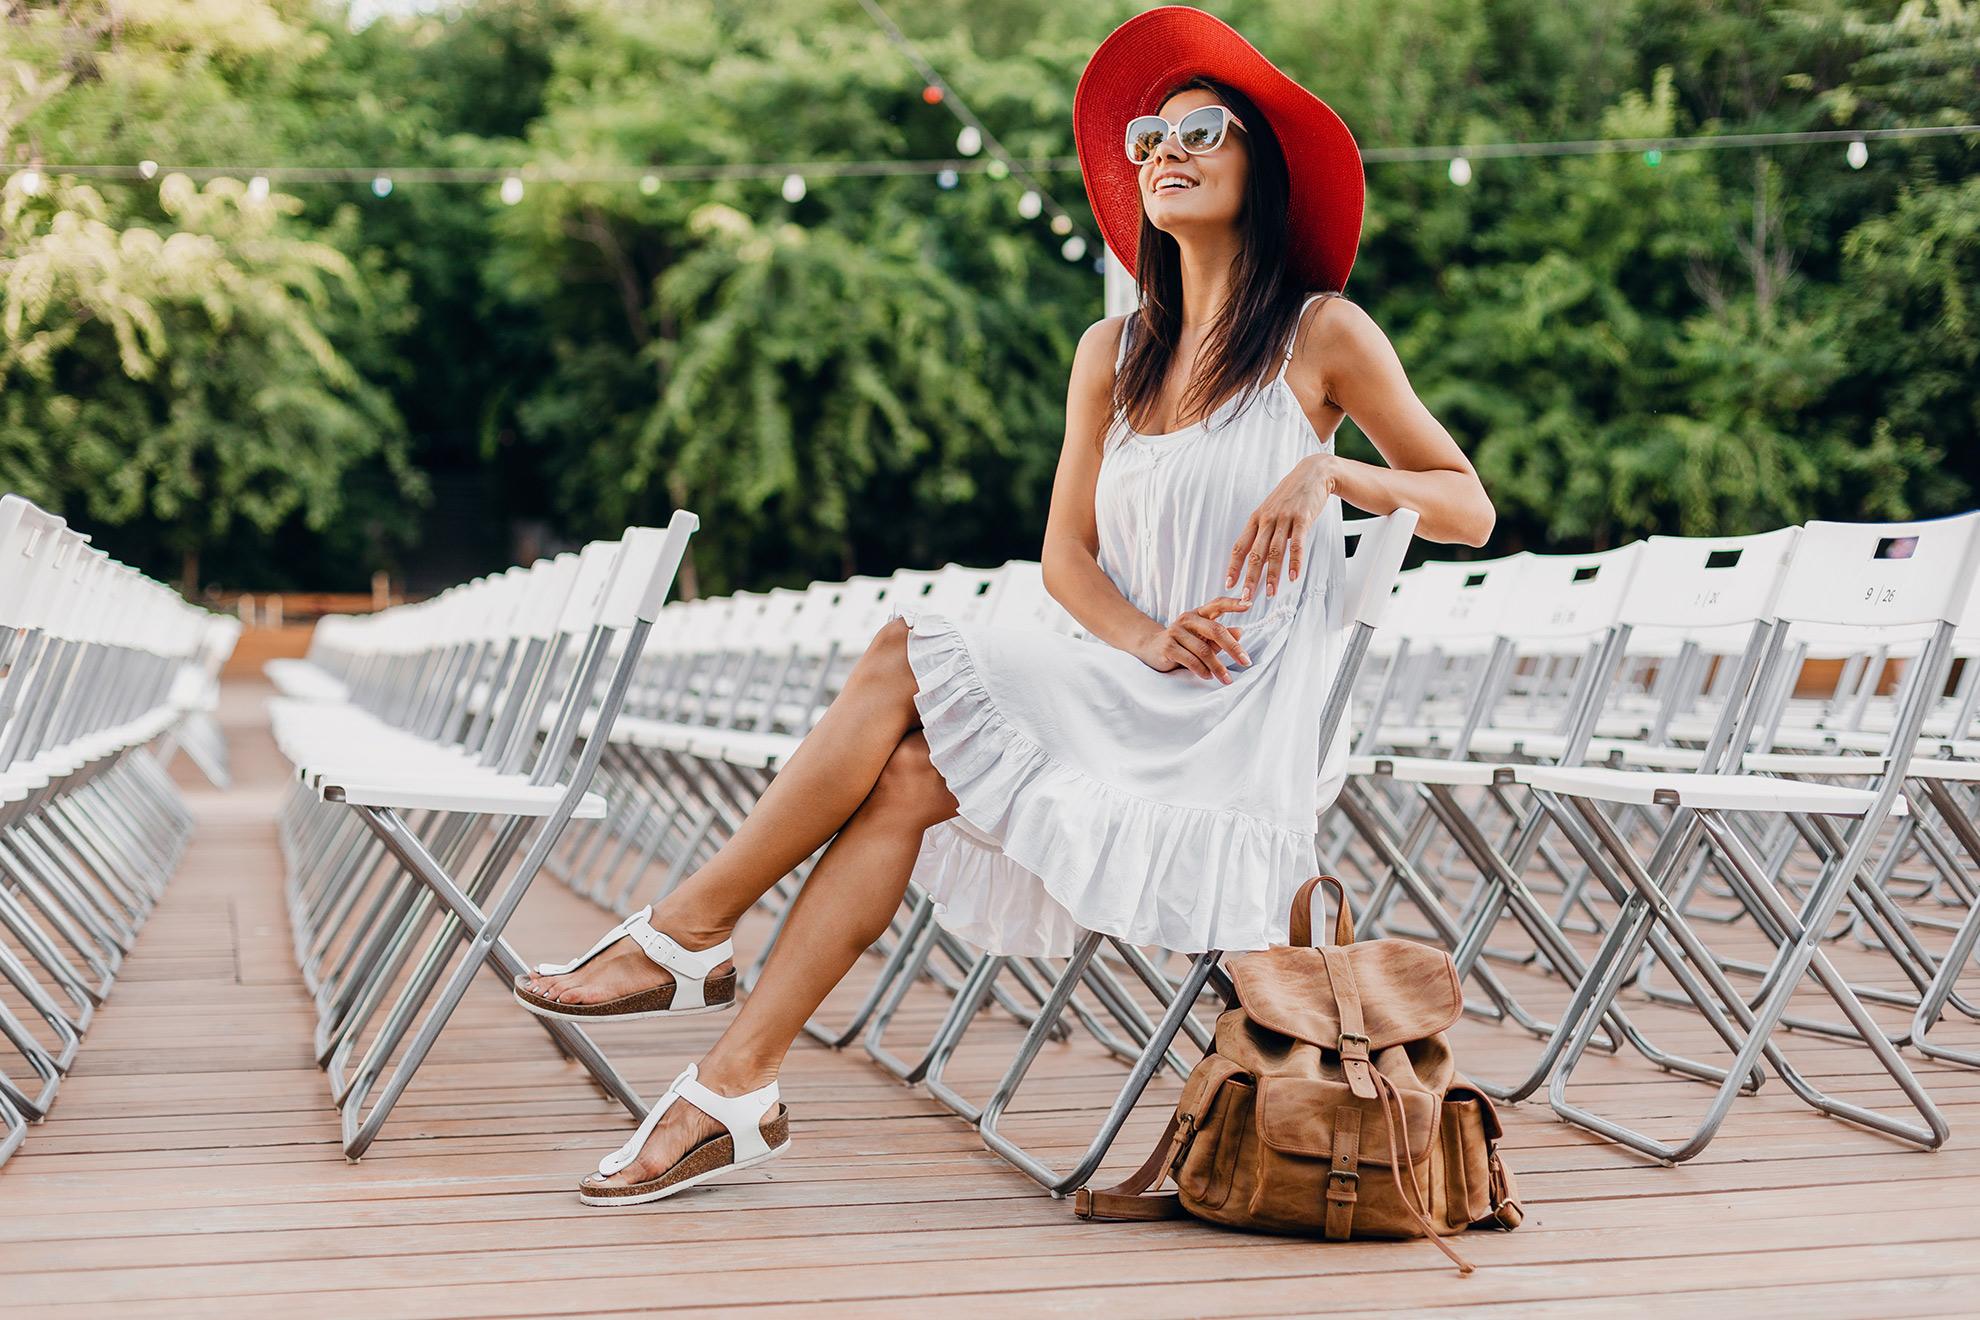 Kobieta w letniej stylizacji, ilustracja artykułu o białych sukienkach i białych sandałach na lato